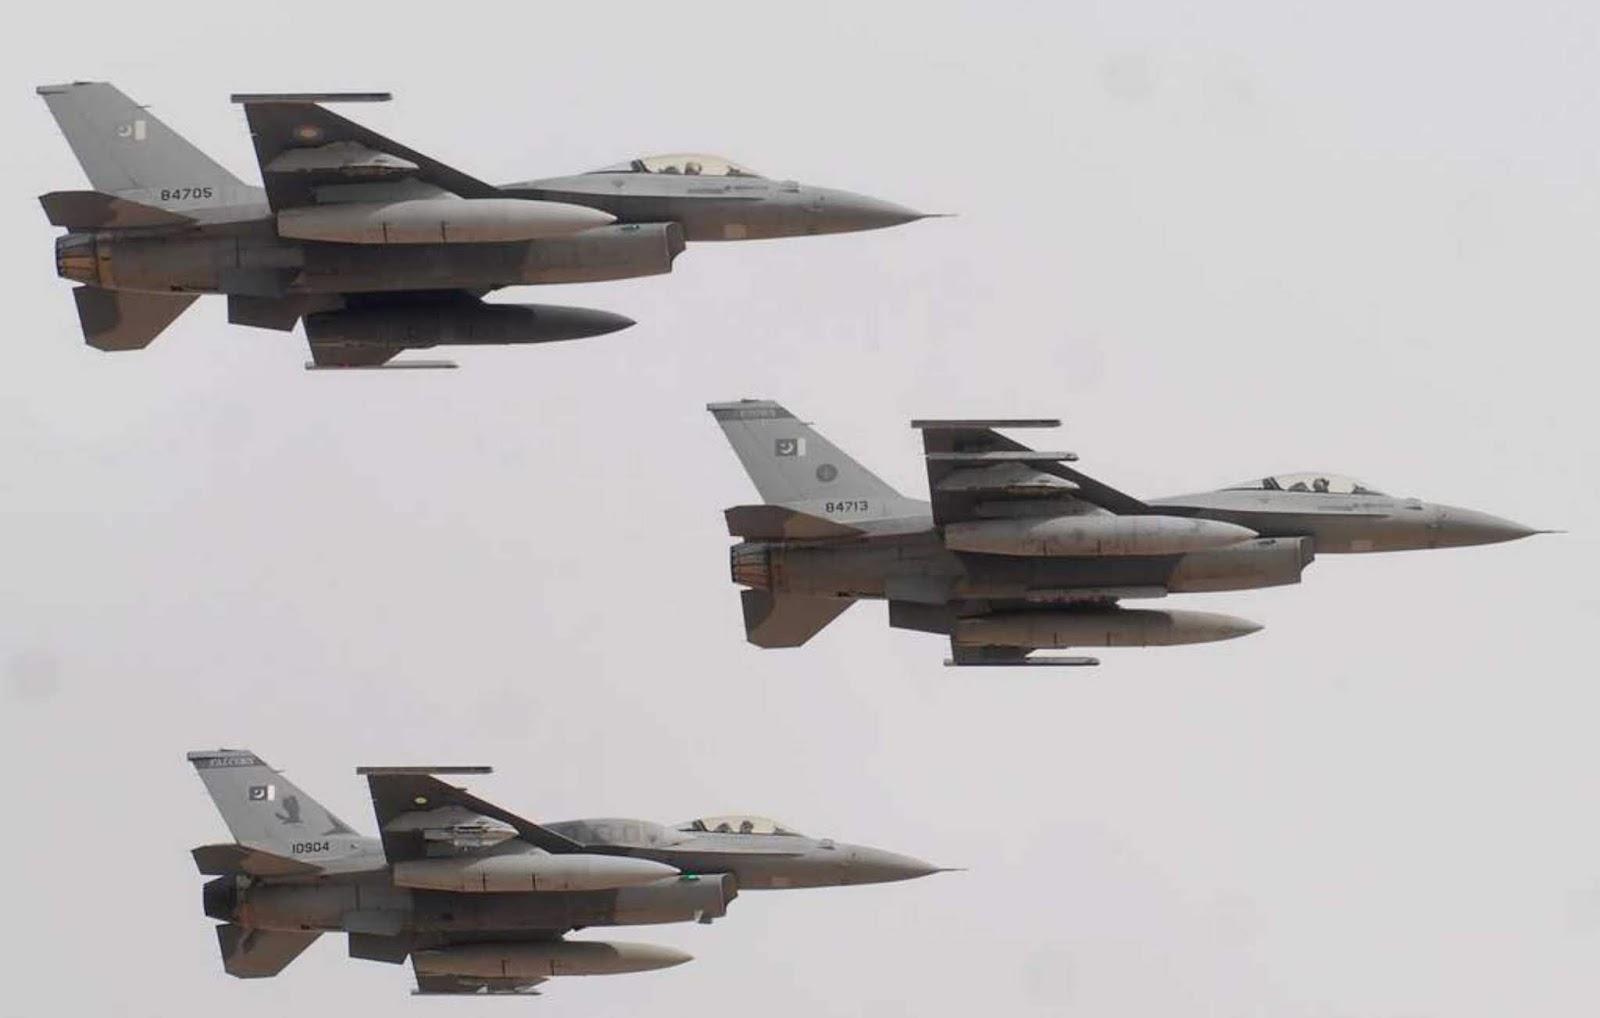 AS akan mempelajari keterlibatan F-16 Pakistan dalam serangan ke India karena melanggar perjanjian